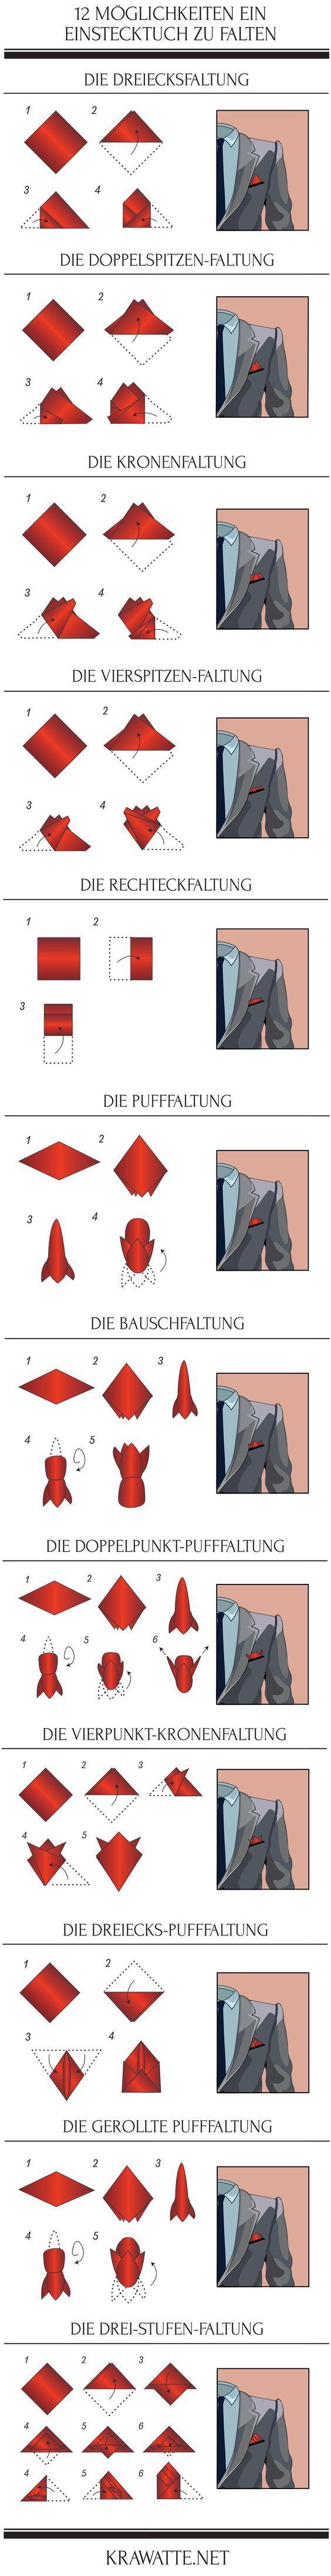 12 Falttechniken für das Einstecktuch. Mehr Infos auf unserem Blog https://www.krawatte.net/Herrenmode-Blog/einstecktuch-falten-kniffe-fuer-den-perfekten-auftritt/